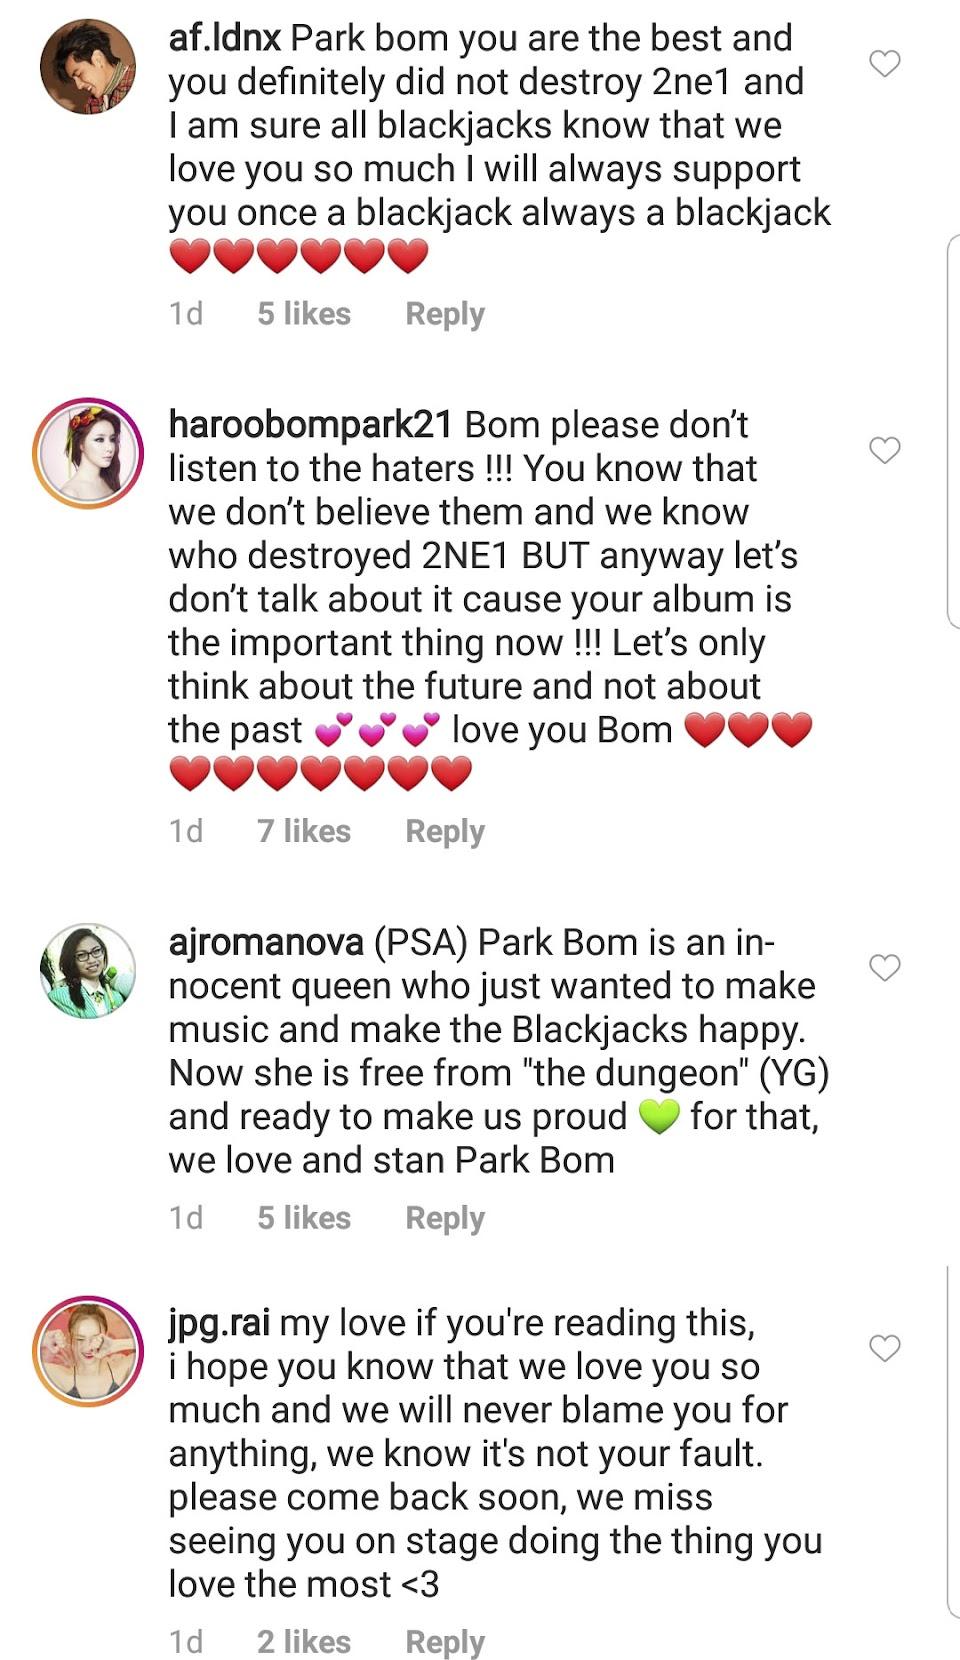 park bom 2ne1 destroy comment